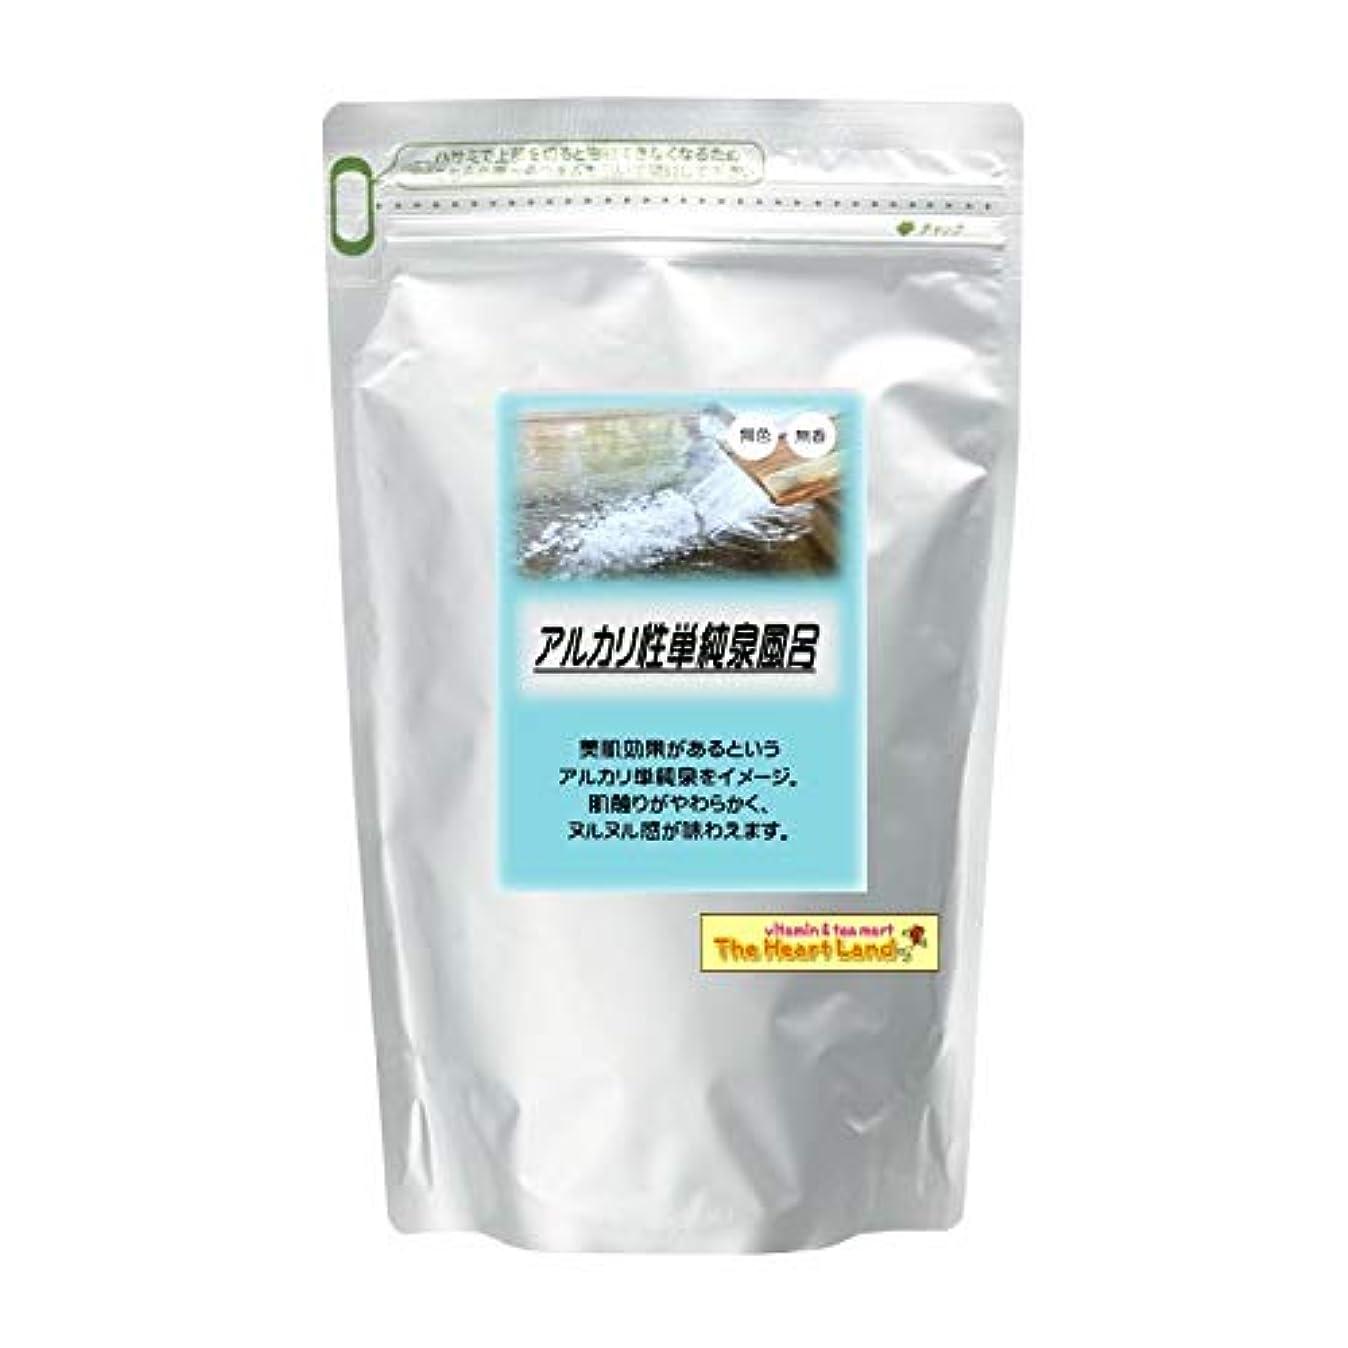 メイド鉄道割るアサヒ入浴剤 浴用入浴化粧品 アルカリ性単純泉風呂 300g